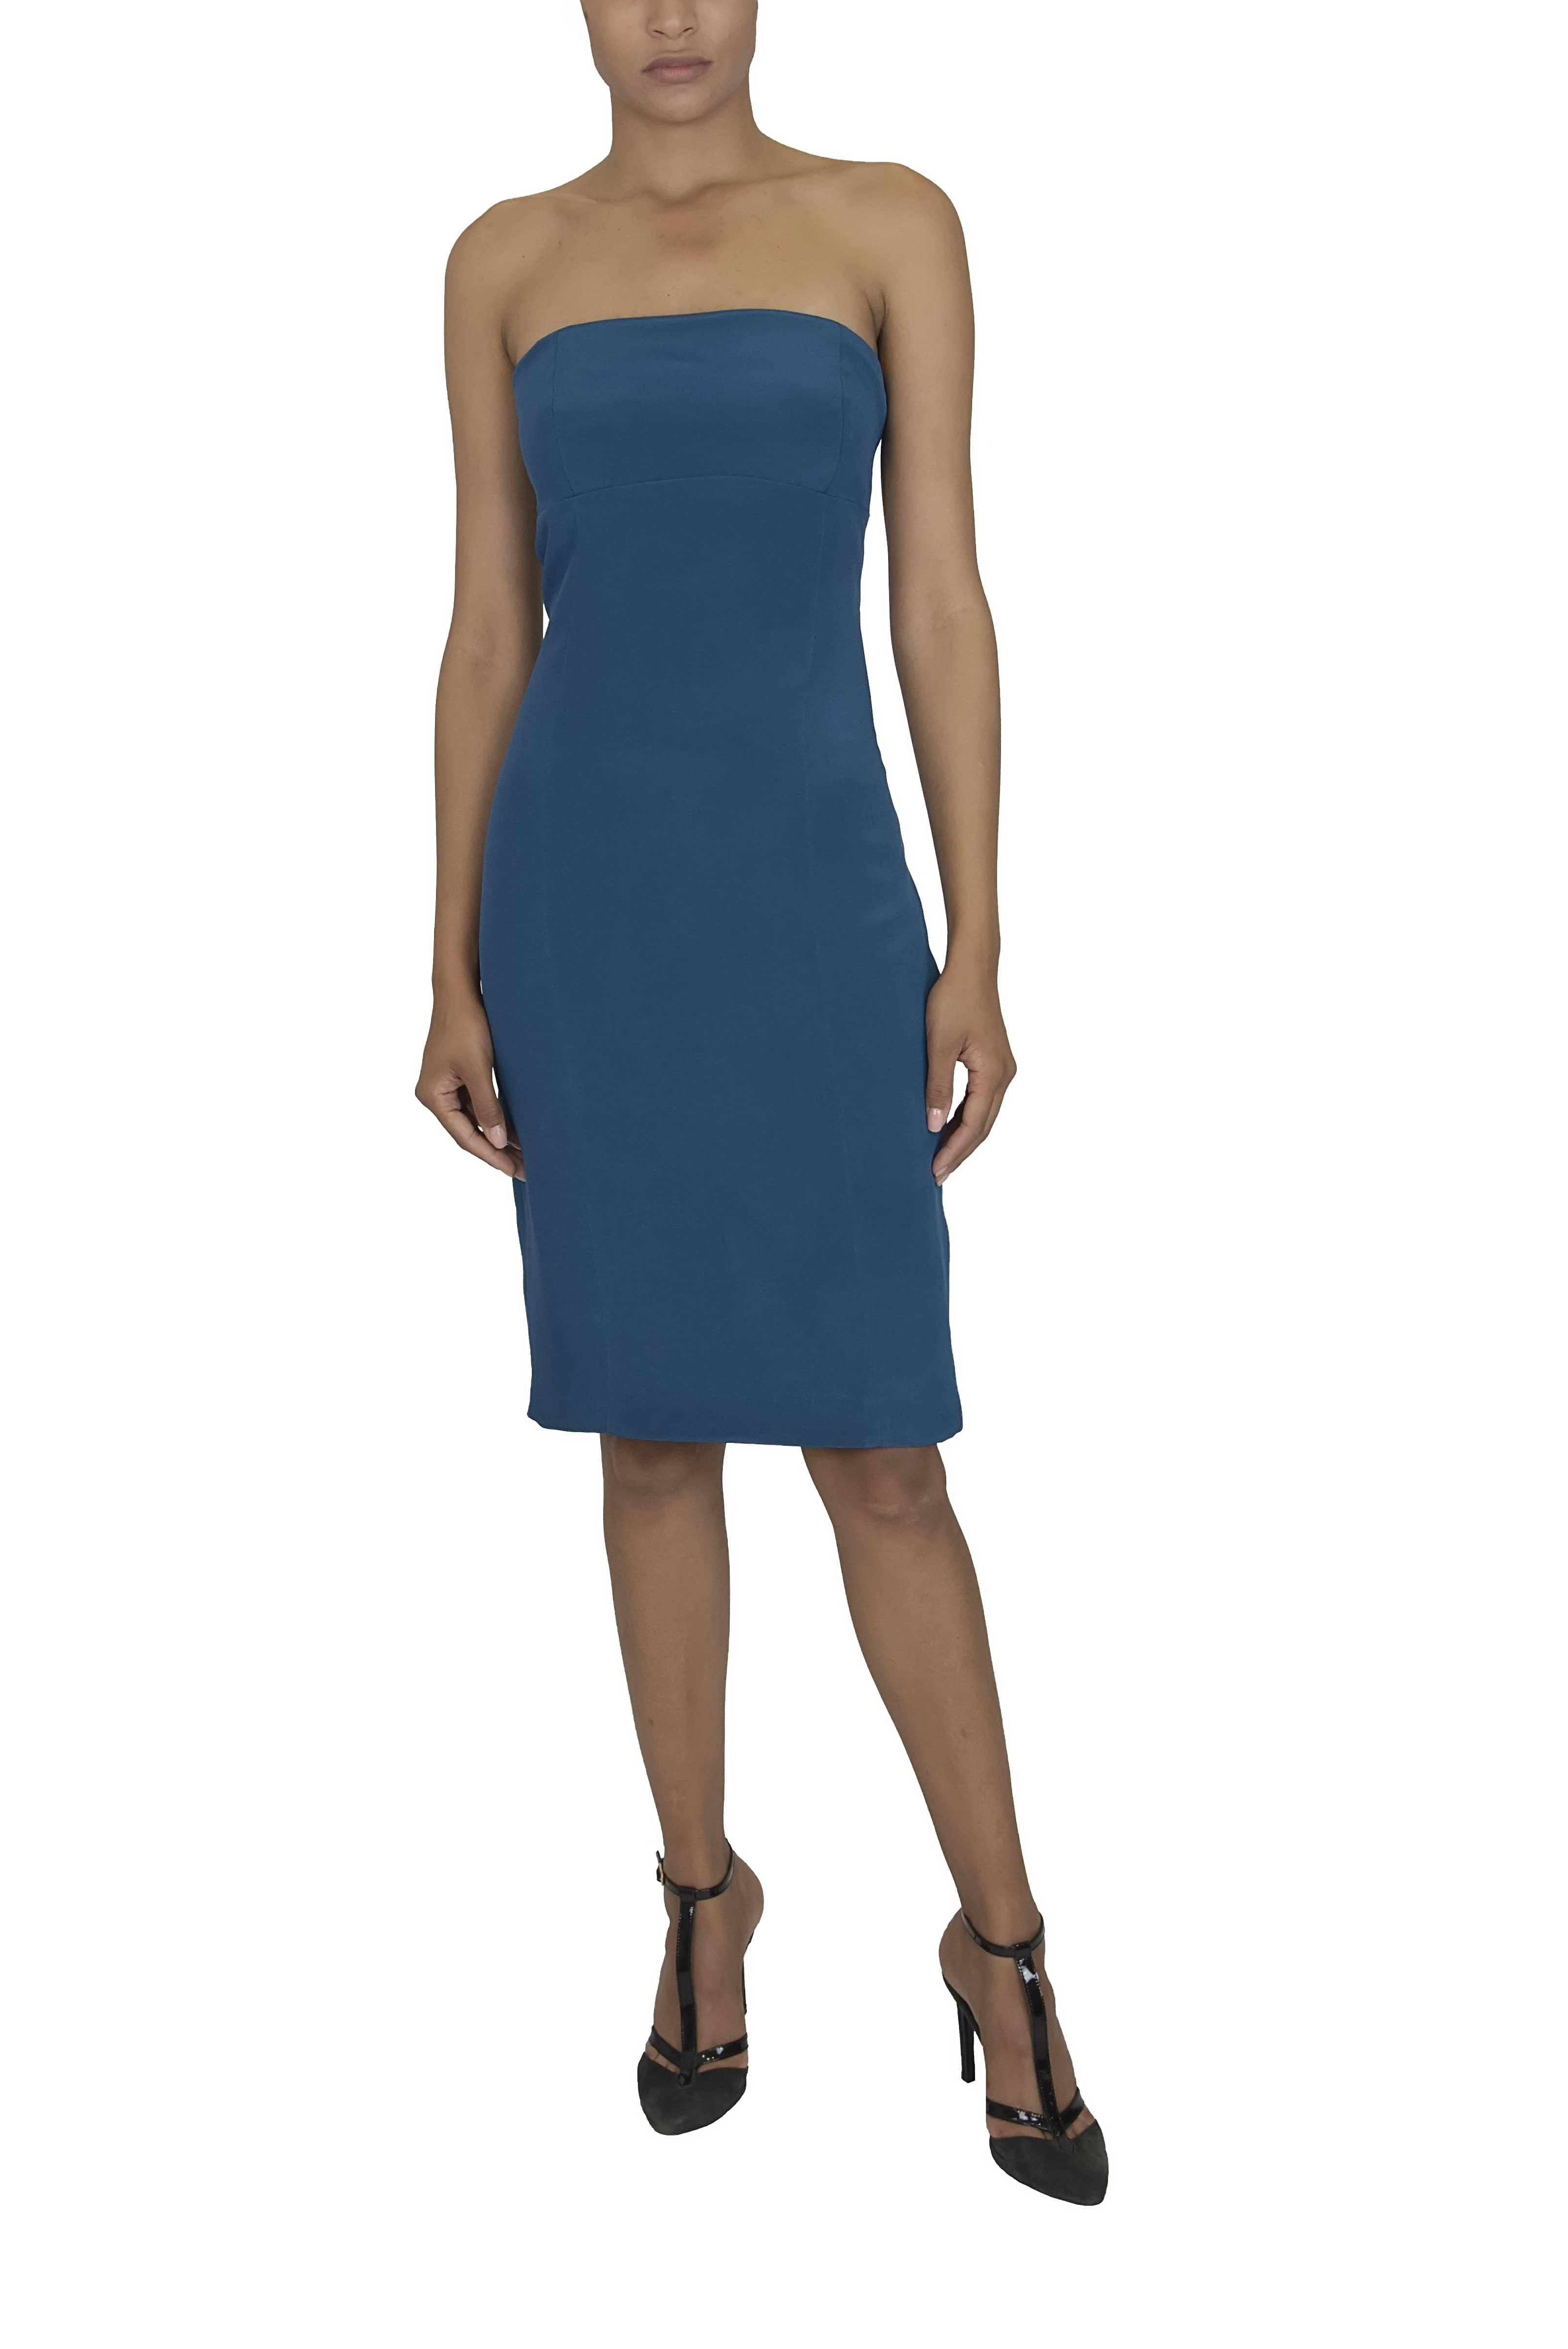 Dress IMAI 0